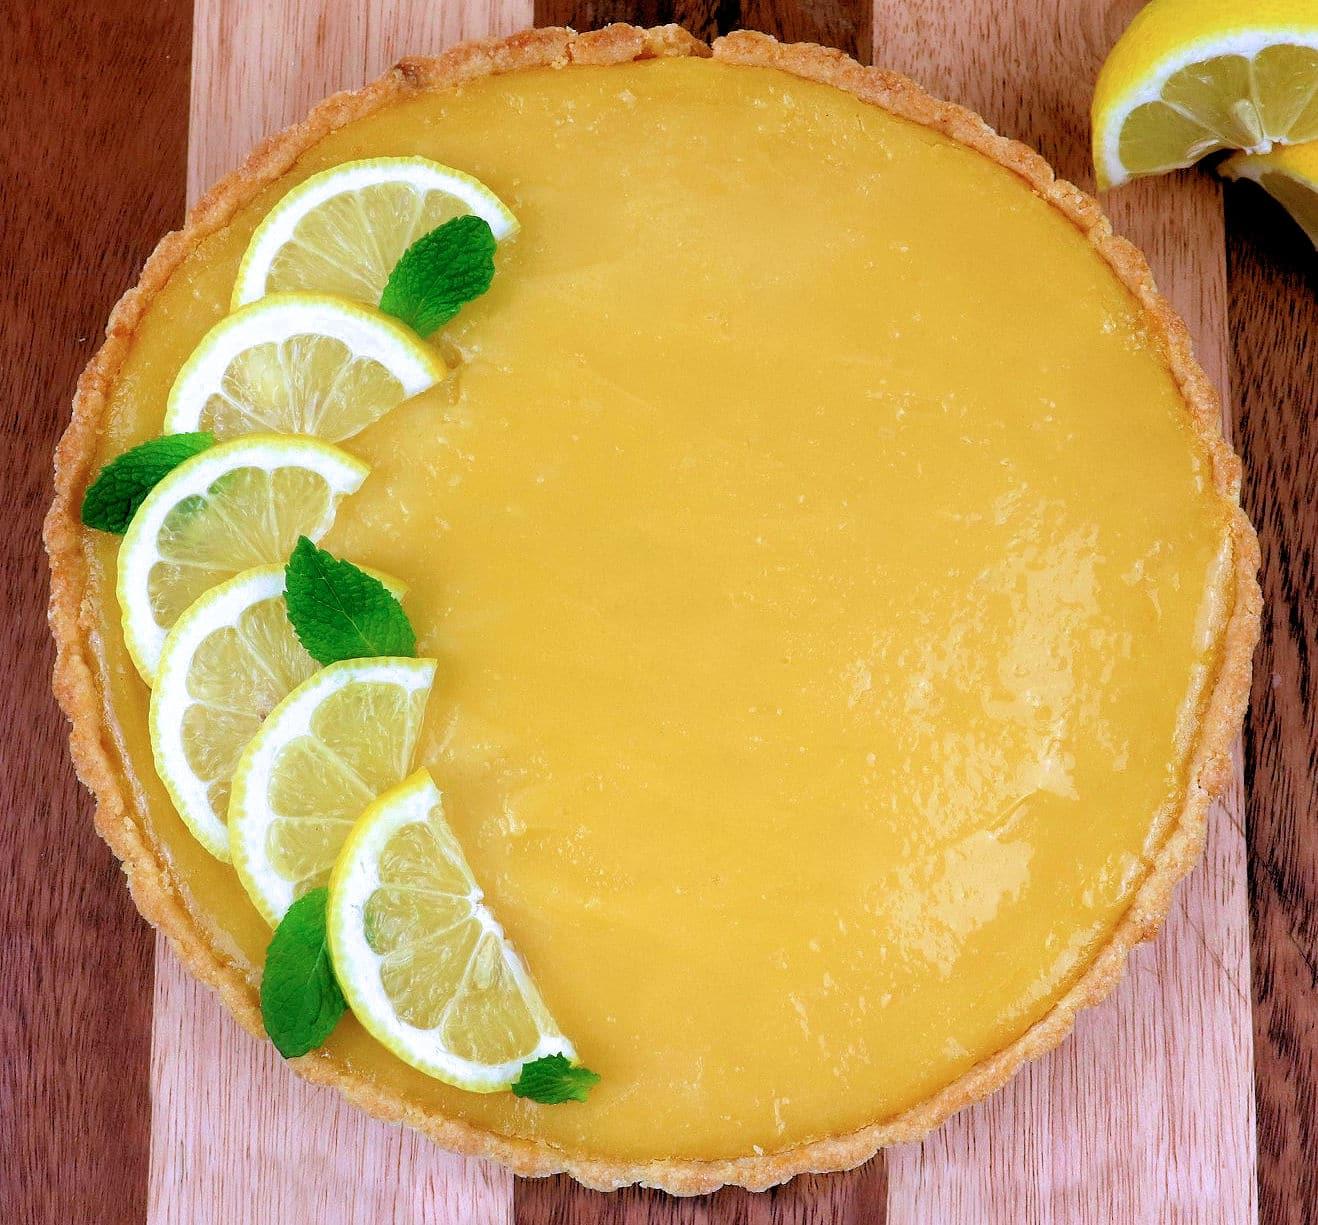 Lemon Tart with Lemon Slices and Mint Leaves